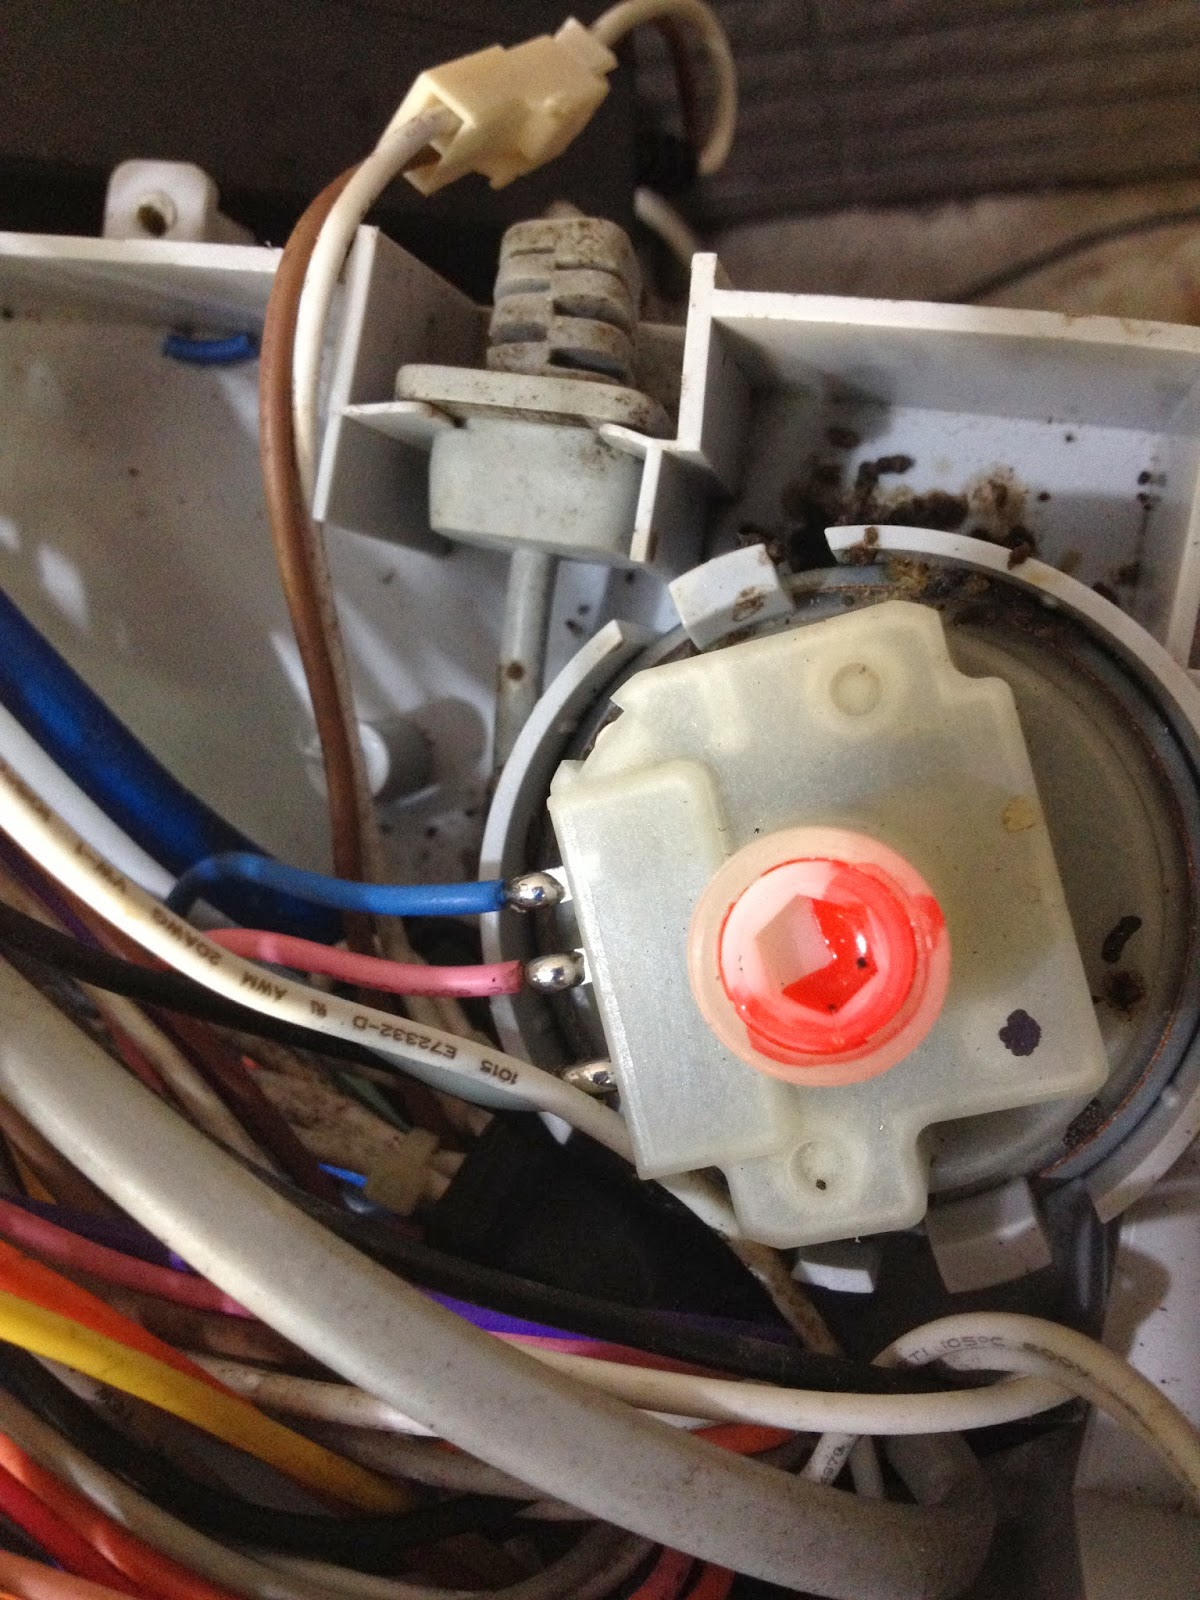 ... 三洋洗衣機 故障碼DA-ED修理(小二電器修理-2手買賣